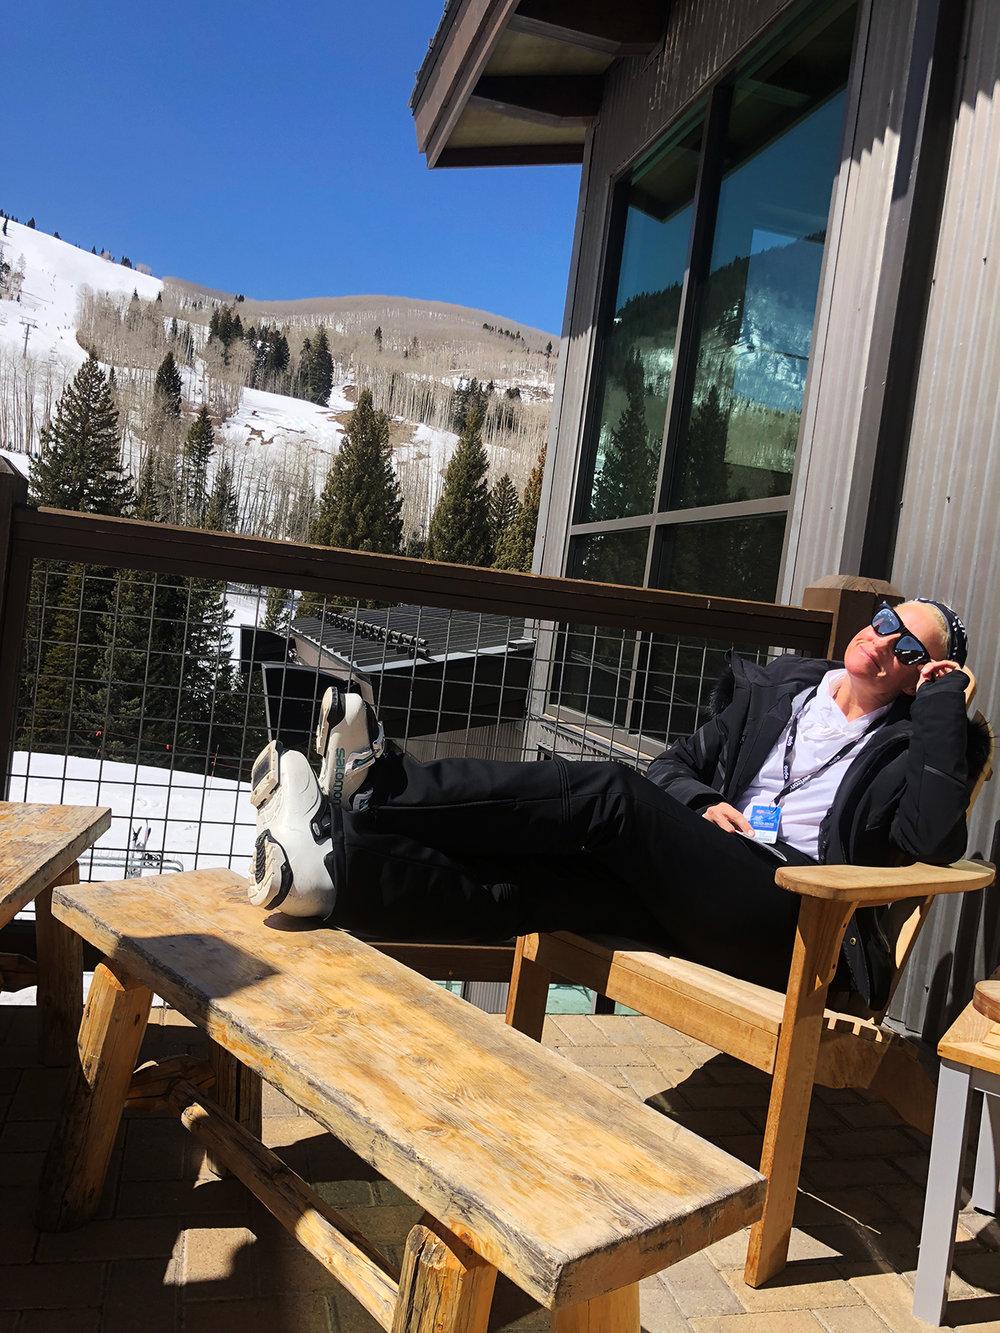 vail-thejoye-ski-usa-27.jpg